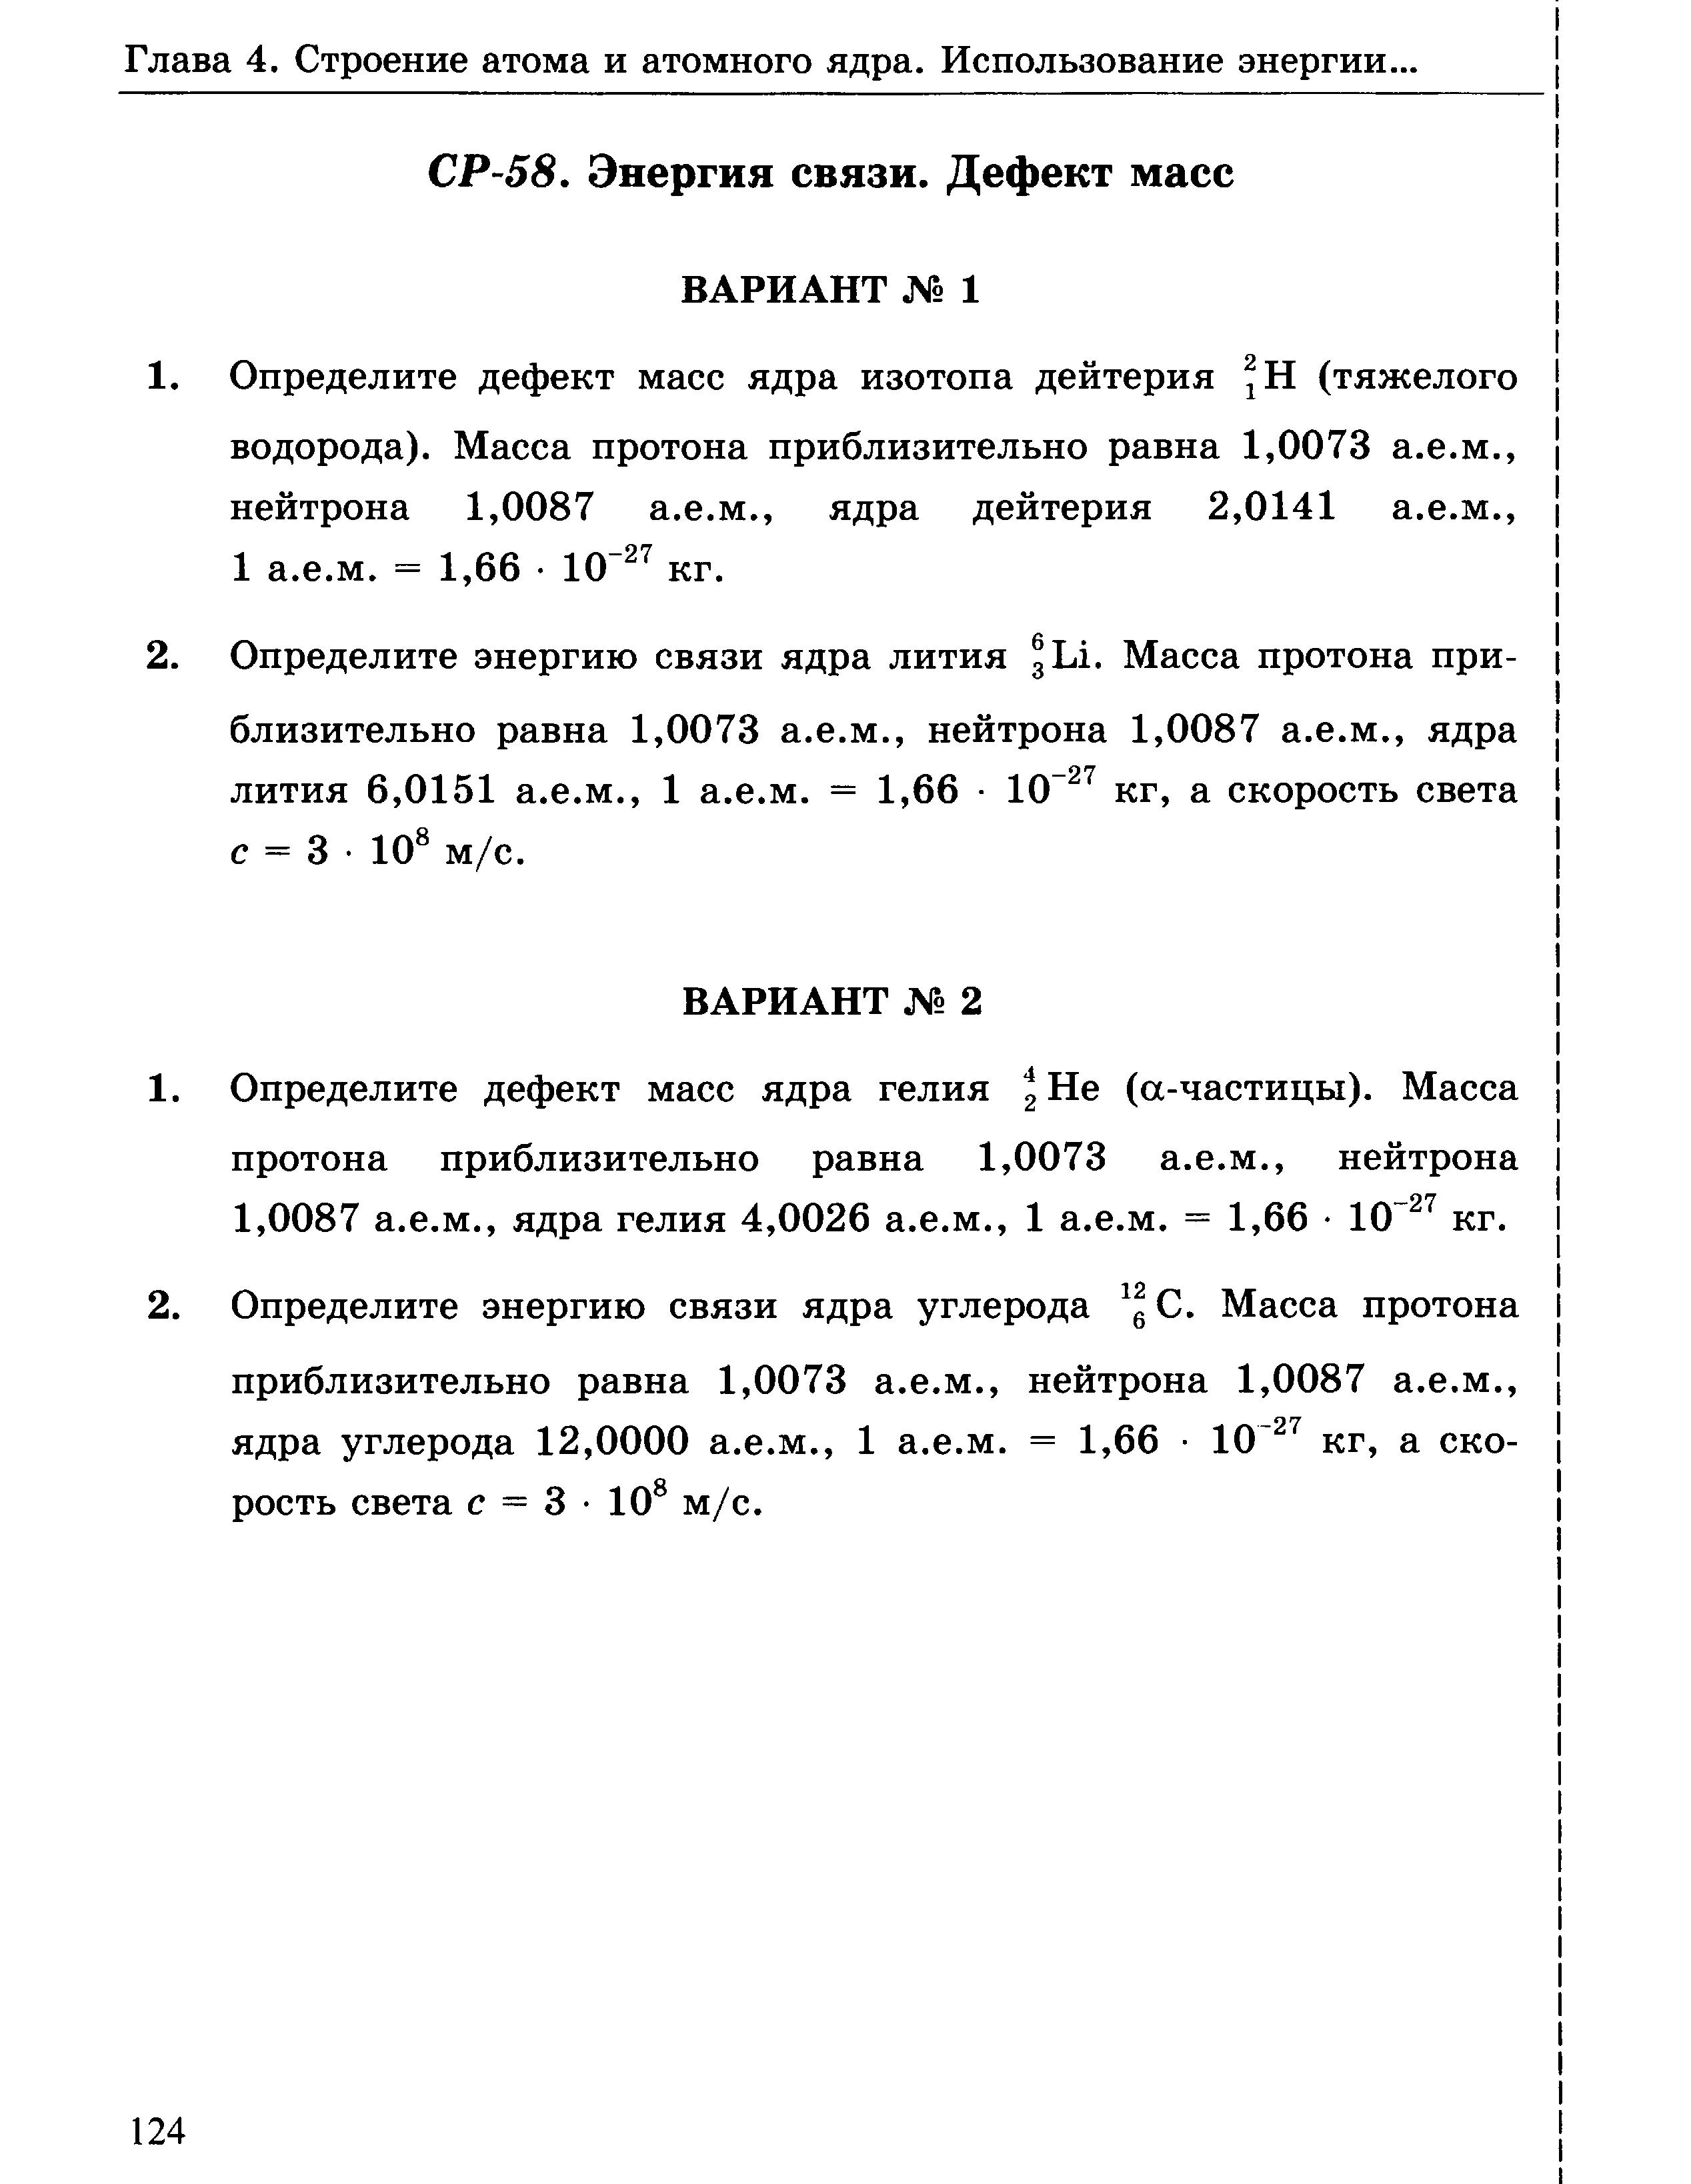 Контрольная работа физика атомного ядра 7510